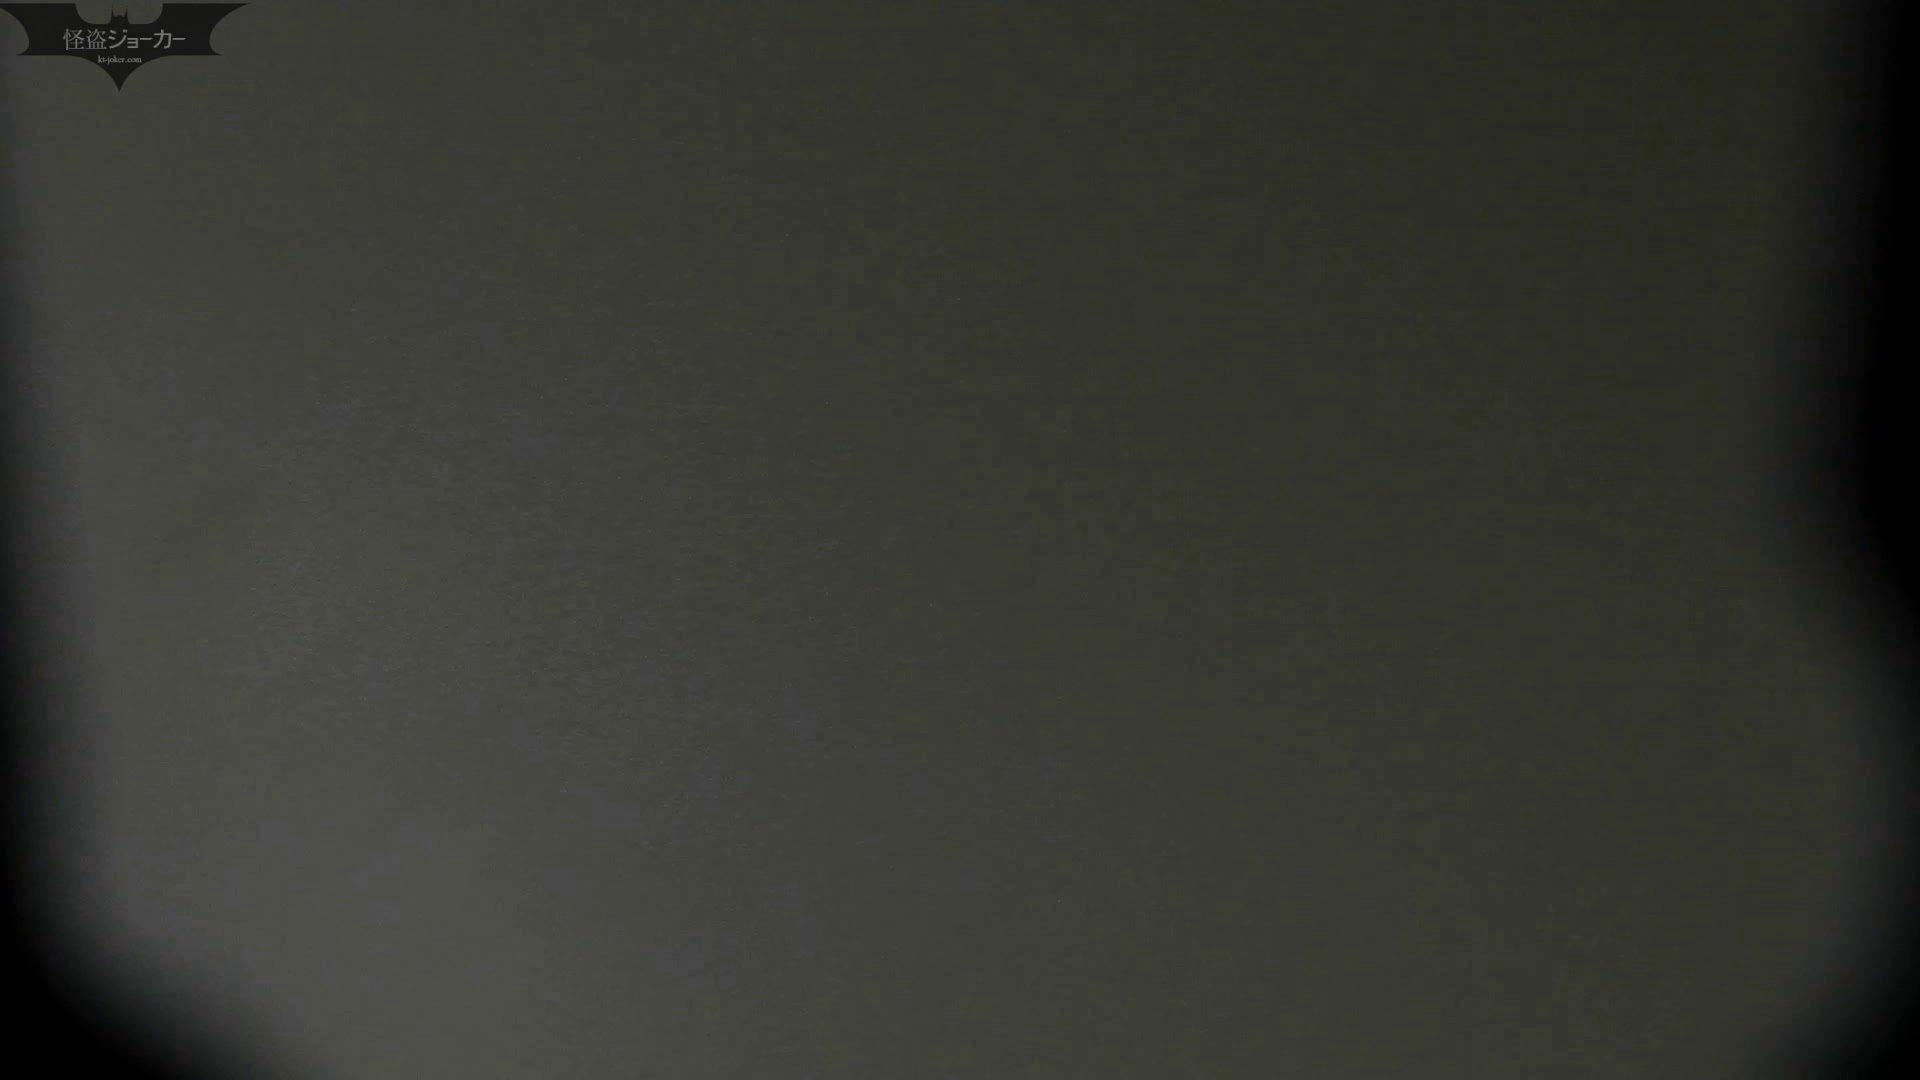 【美しき個室な世界】洗面所特攻隊 vol.046 更に進化【2015・07位】 高評価  96枚 54